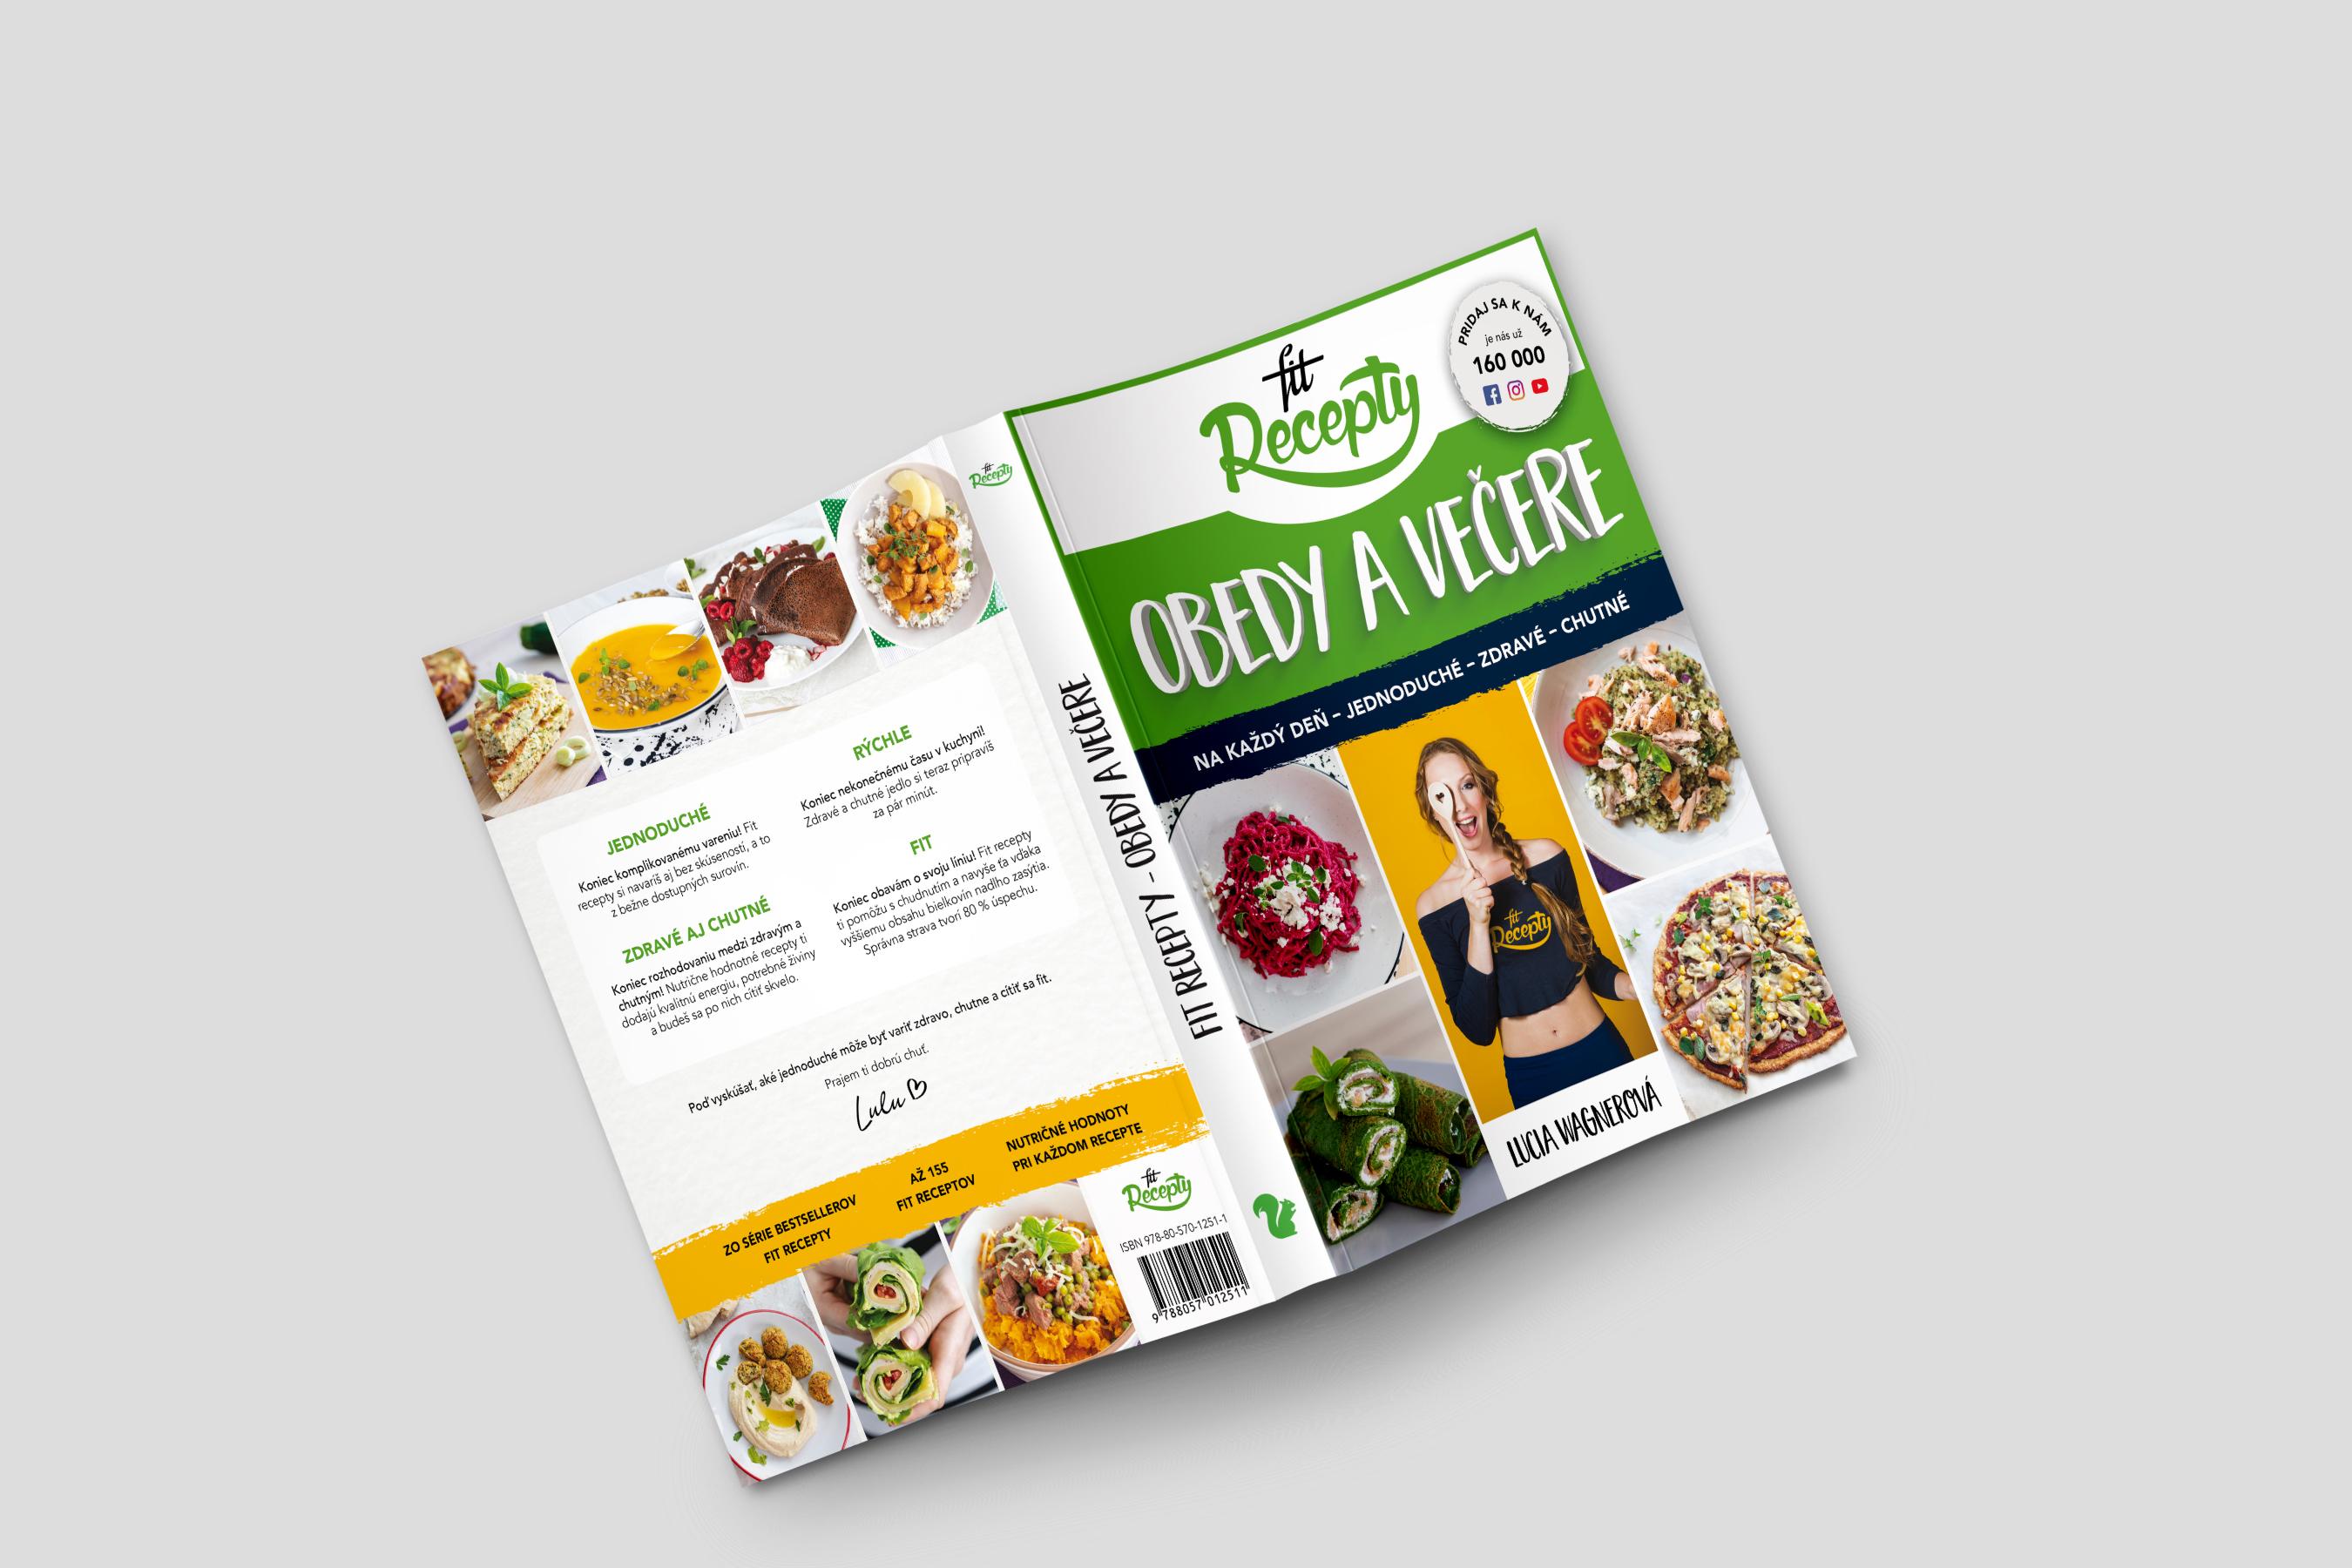 kniha fit recepty - obedy a večere